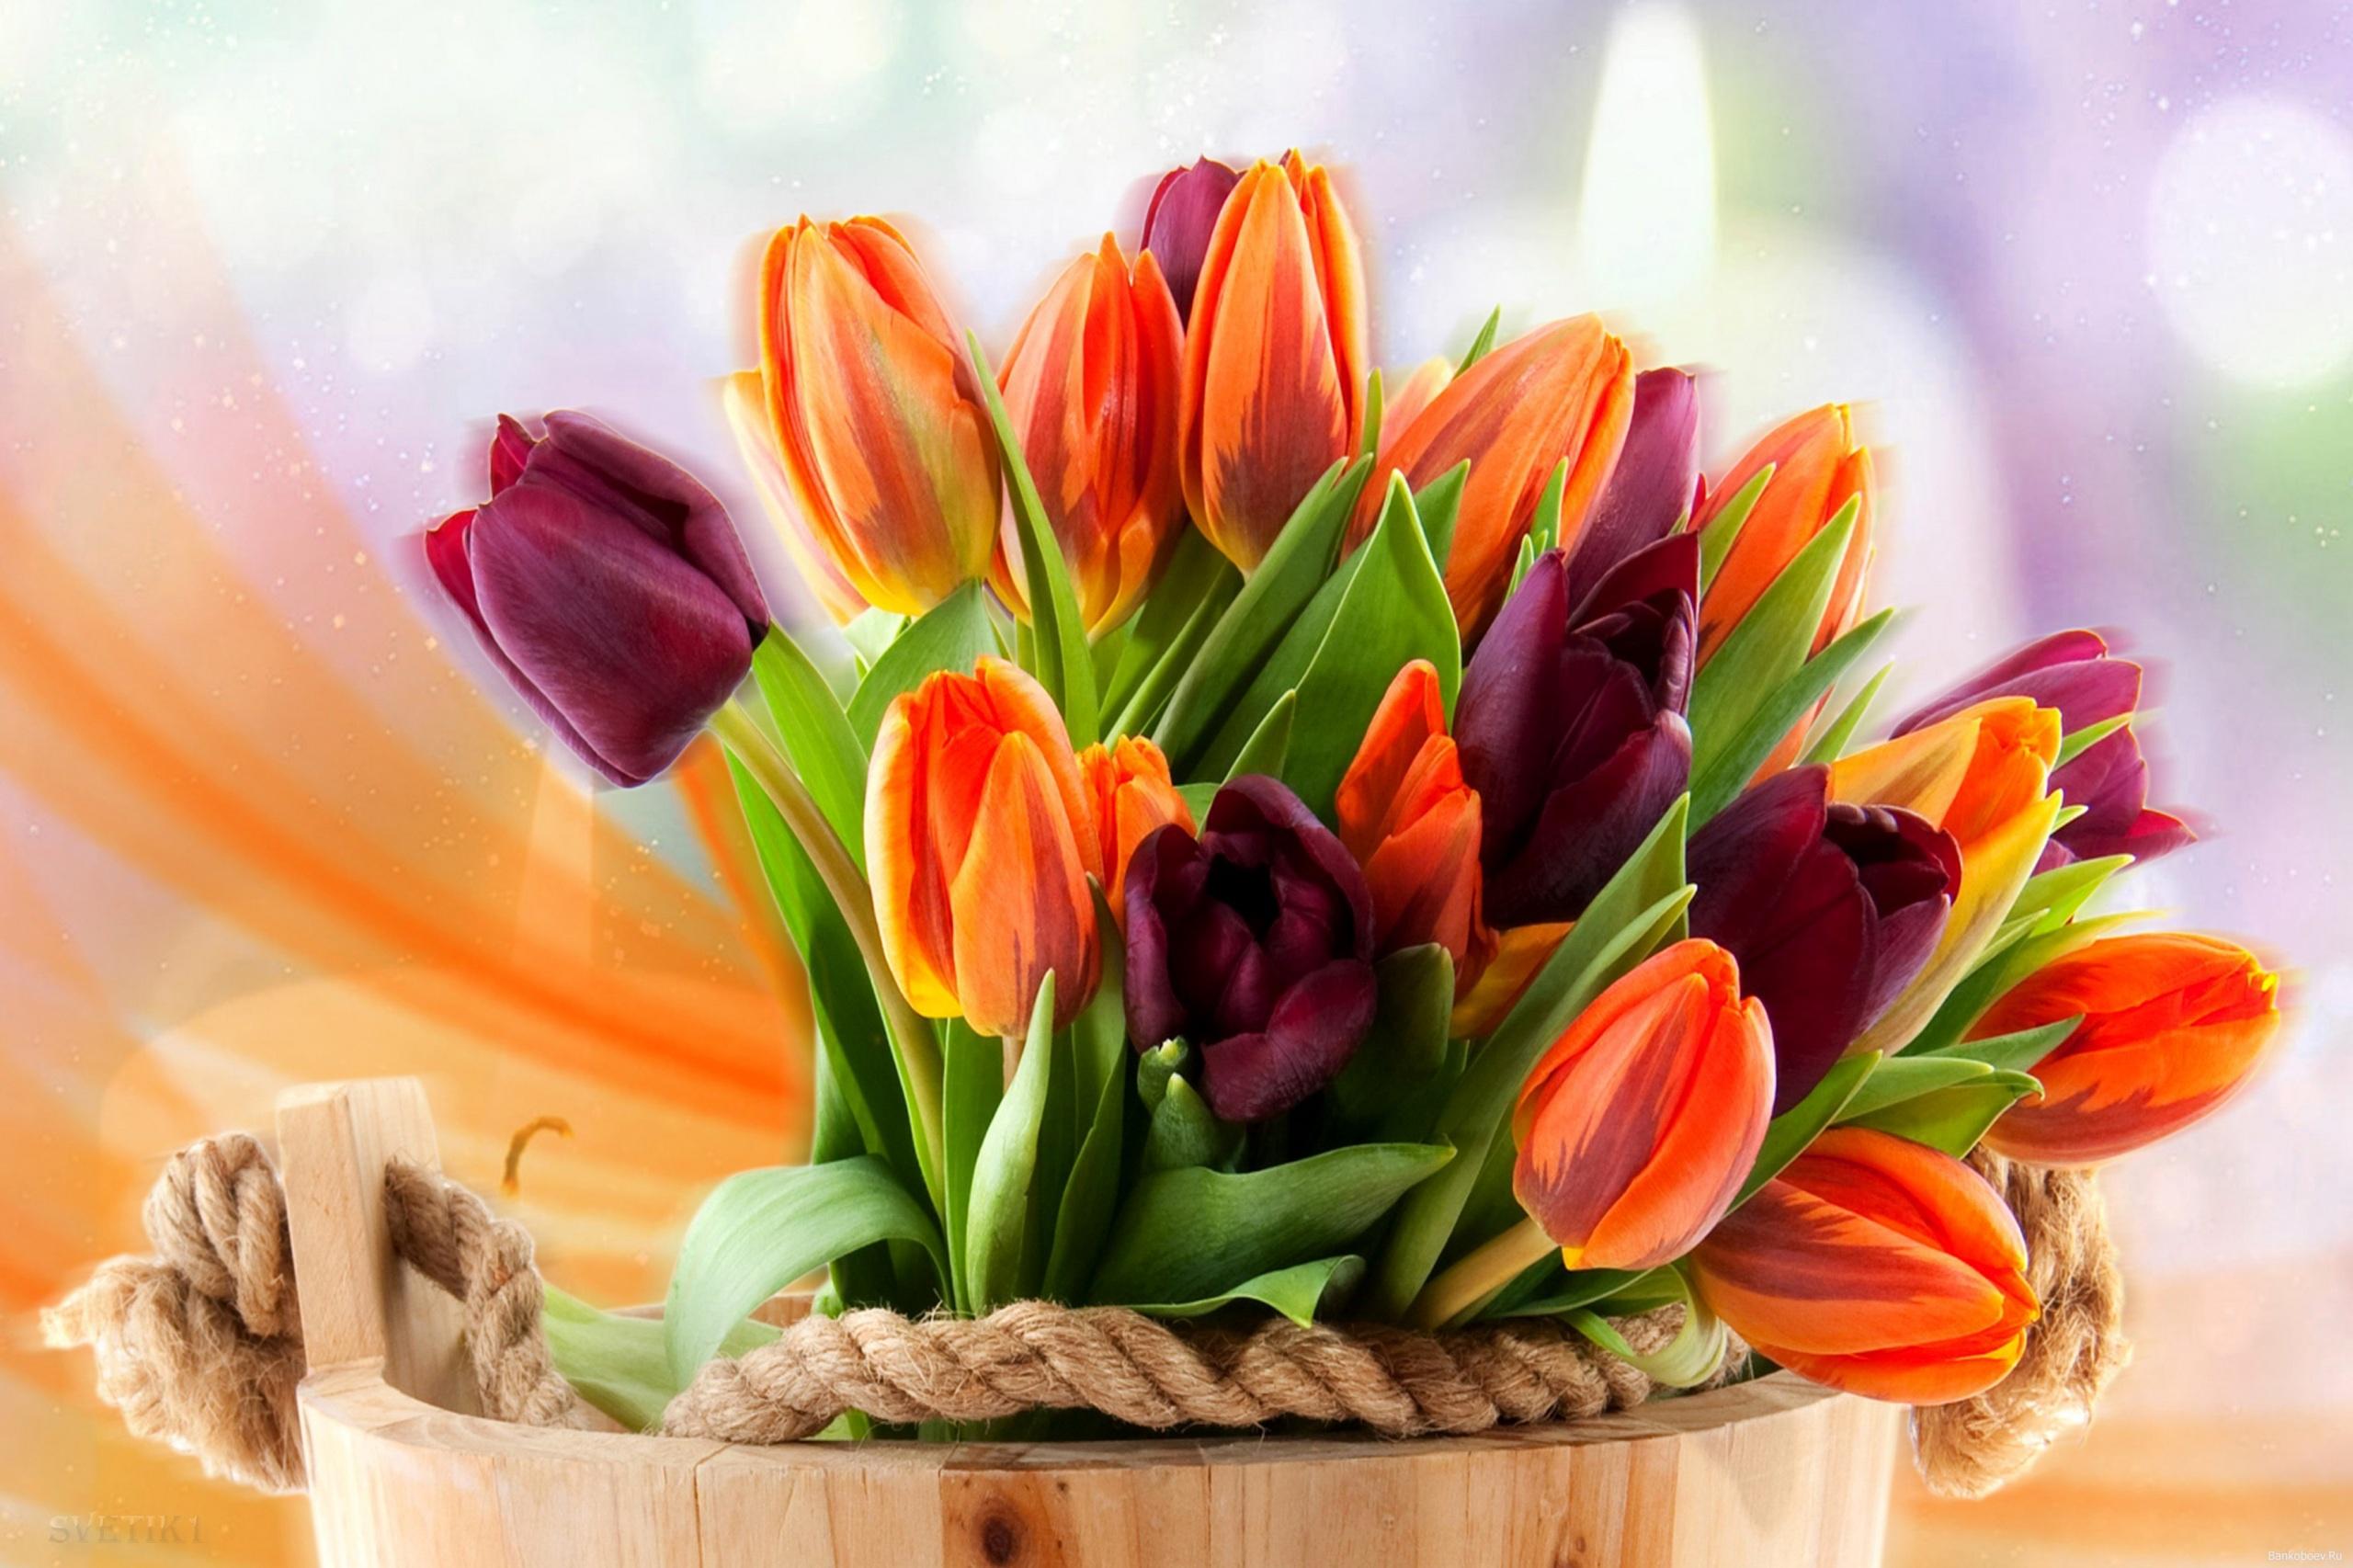 монтированный открытка с днем рождения красивый букет тюльпанов дюбель